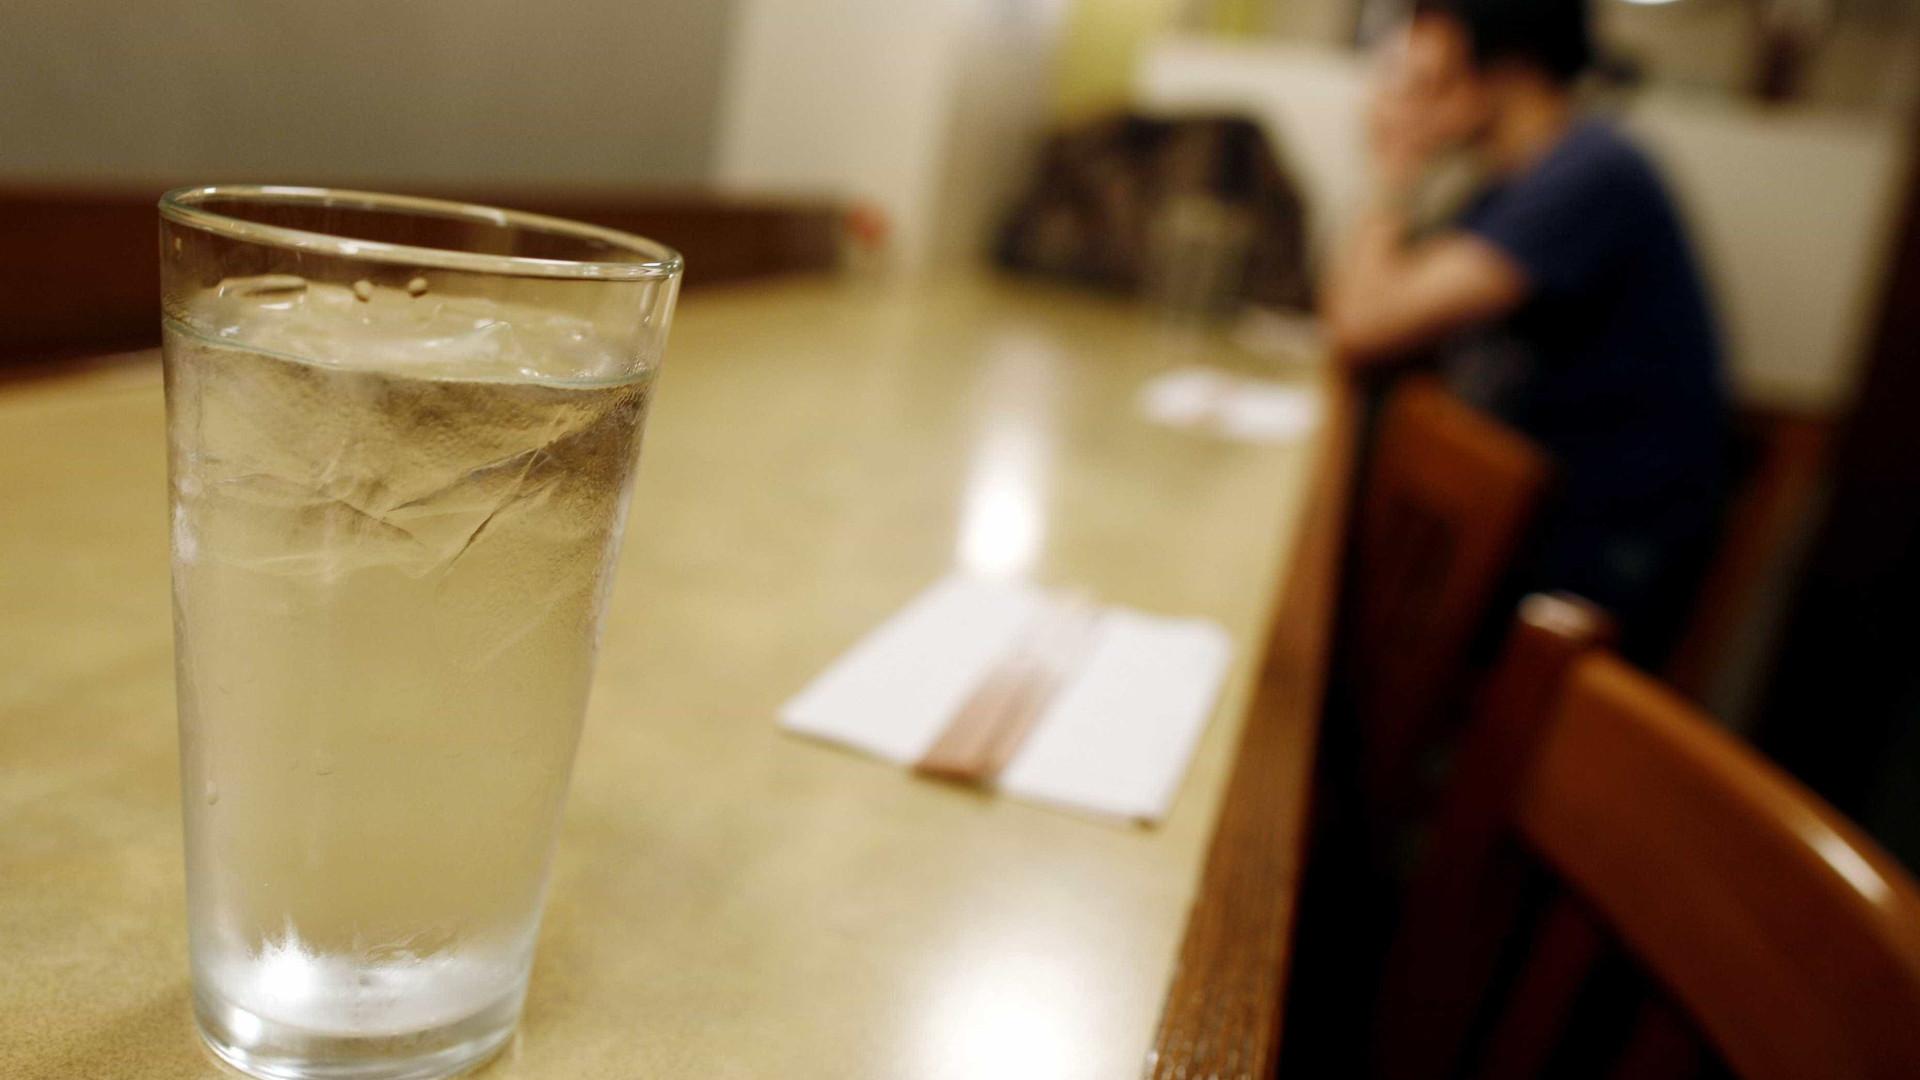 Milhares de portugueses beberam água com fezes